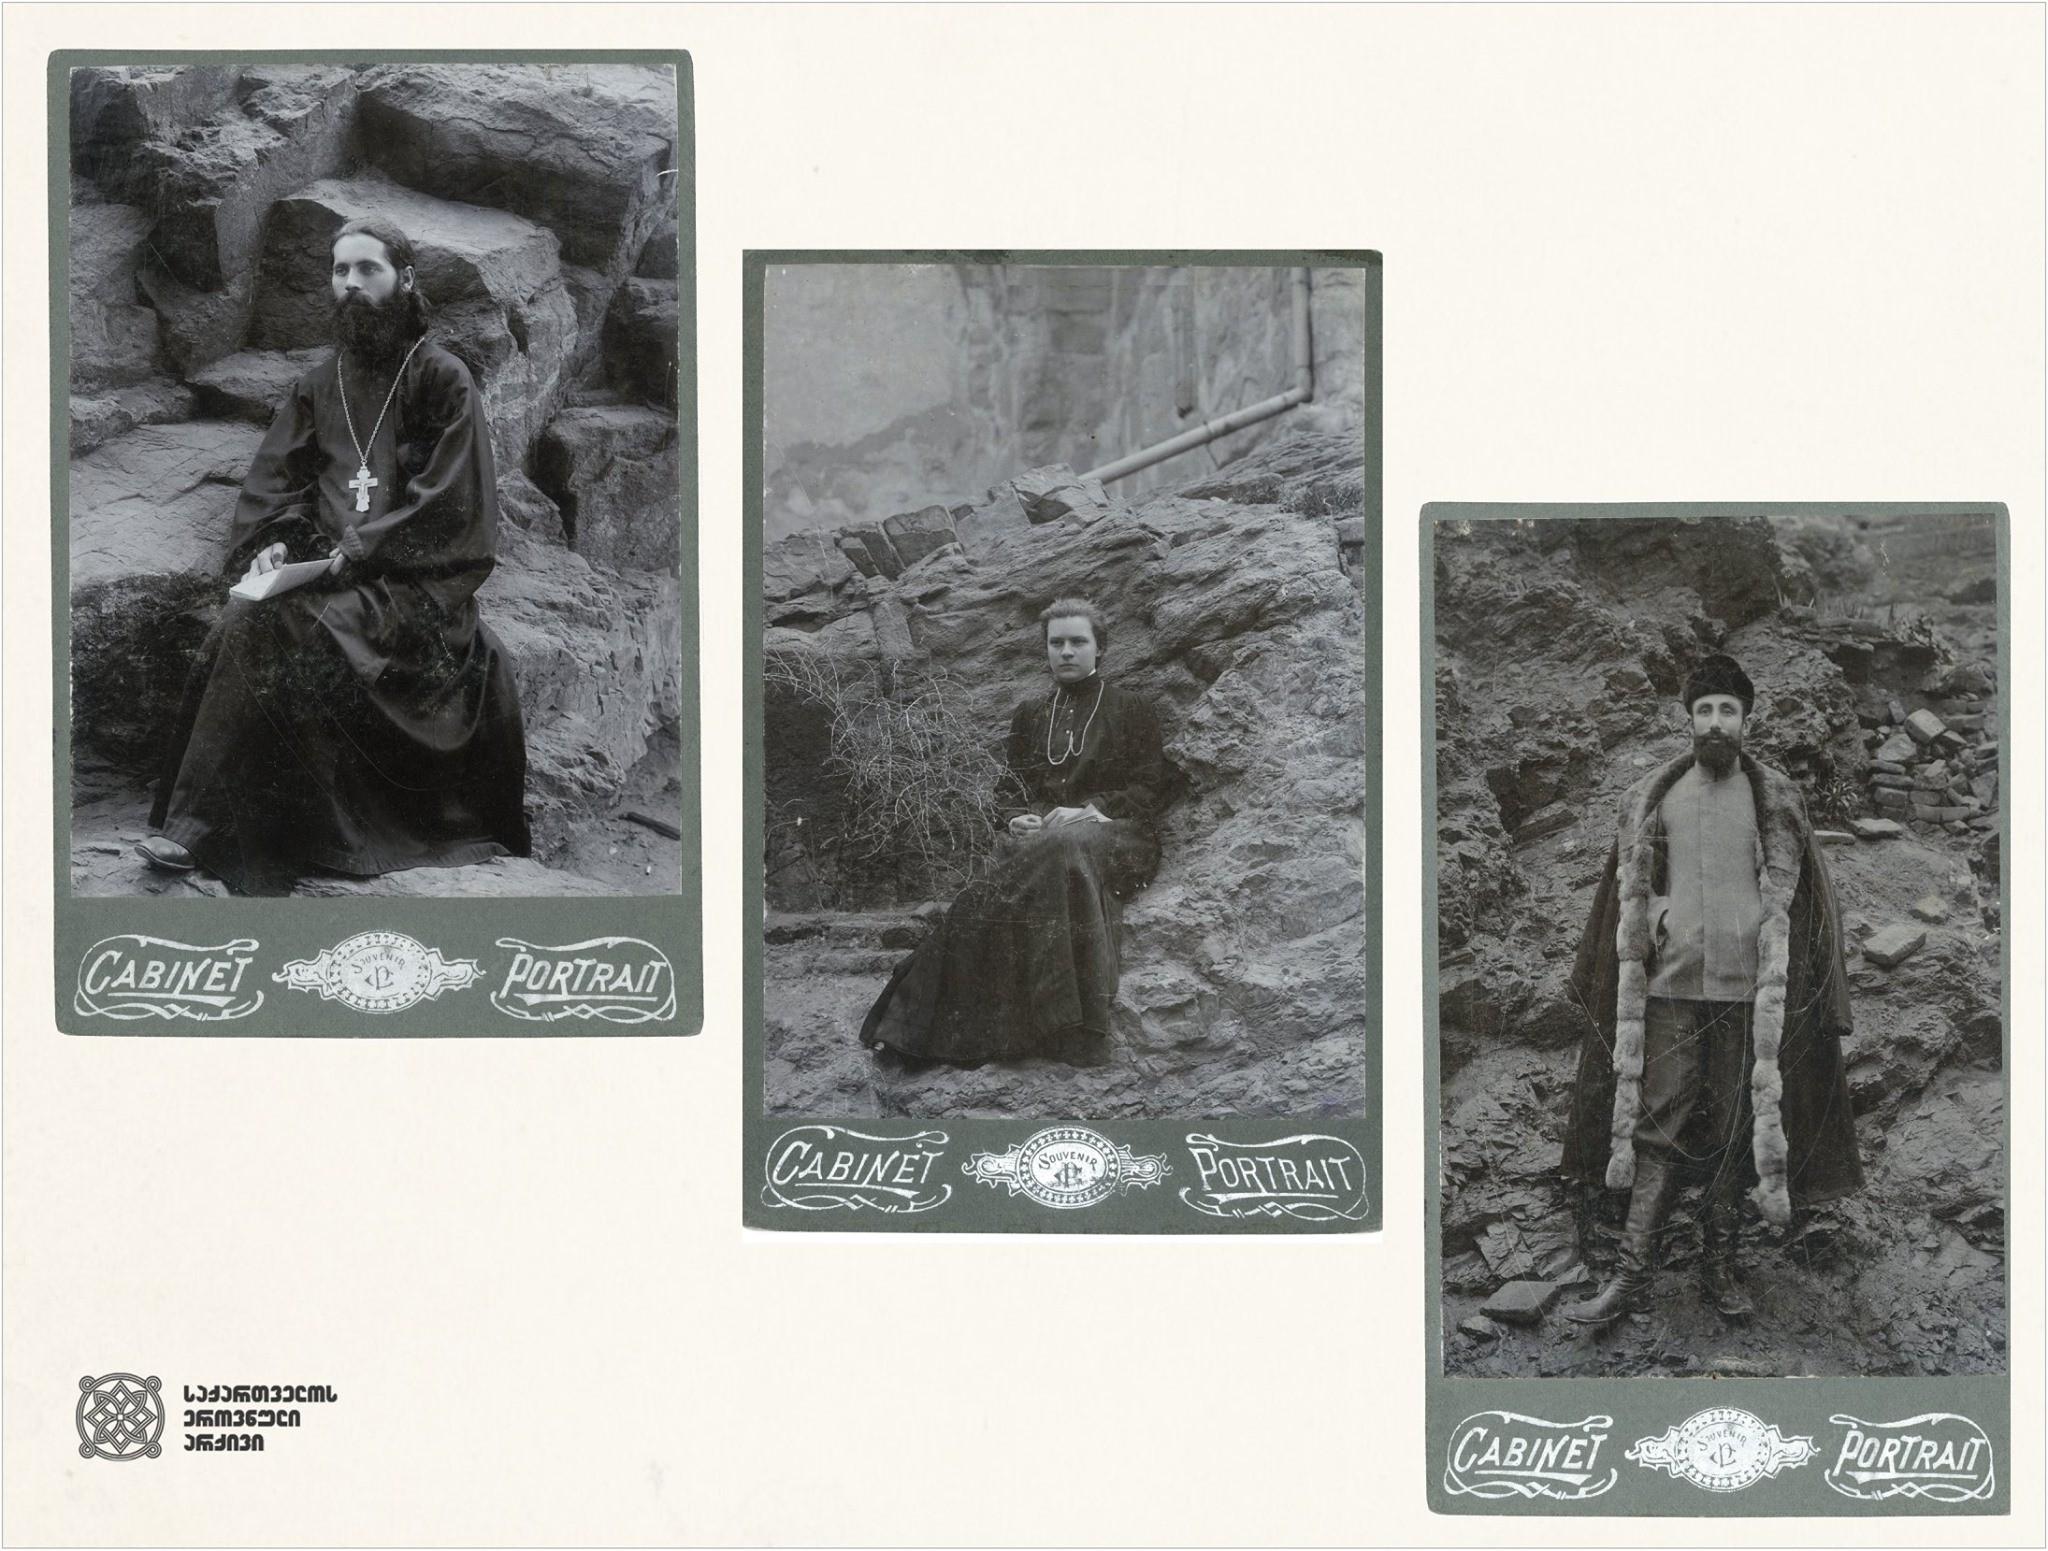 """მეტეხის ციხის პატიმრები  1. მღვდელი იონა ბრიხნიჩევი, 2. მარია გულშიბახა, 3. გ. მარსაგოვი (ფოტო გადაღებულია მეტეხის ციხეში 1908 წელს, ახლავს მემორიალური მინაწერი: """"ვუძღვნი ჩემს დაუვიწყარ ძველს მეგობარს, არაქელ გრიგორის ძეს ოქუაშვილს"""").  <br> Prisoners of Metekhi Prison  1. Priest Jonah Briknichev, 2. Maria Gulshibakha, 3. G. Marsagov (photo was taken in the Metekhi prison in 1908, with a memorial inscription: """"I dedicate it to my unforgettable old friend, Arakel Okuashvili, son of Gregory"""")."""